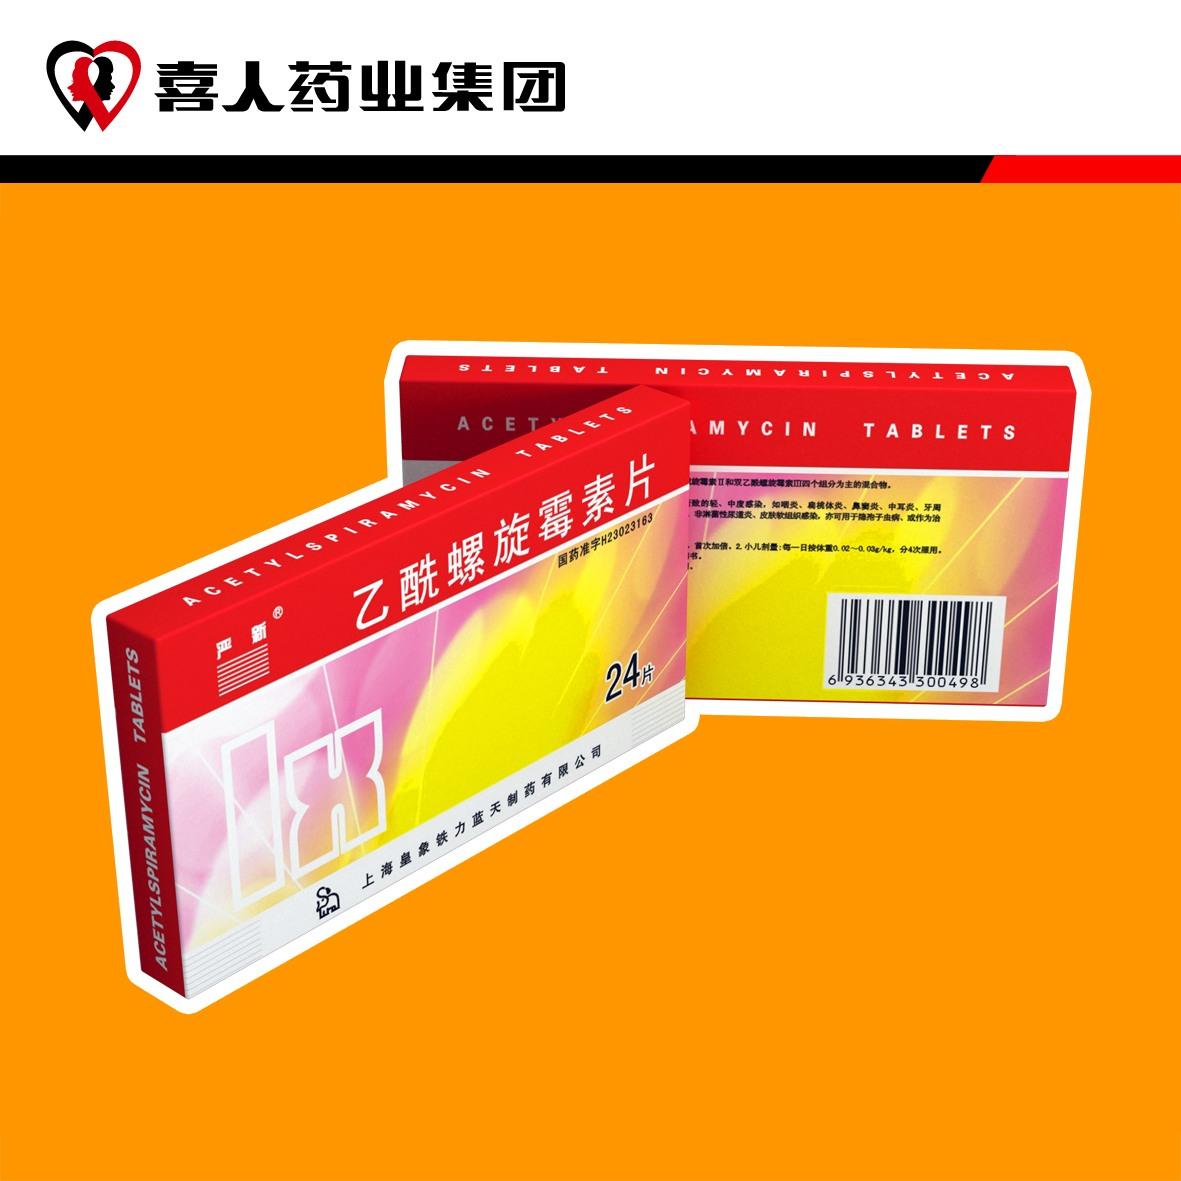 乙酰螺旋霉素片(0.1g×24片×1000盒)